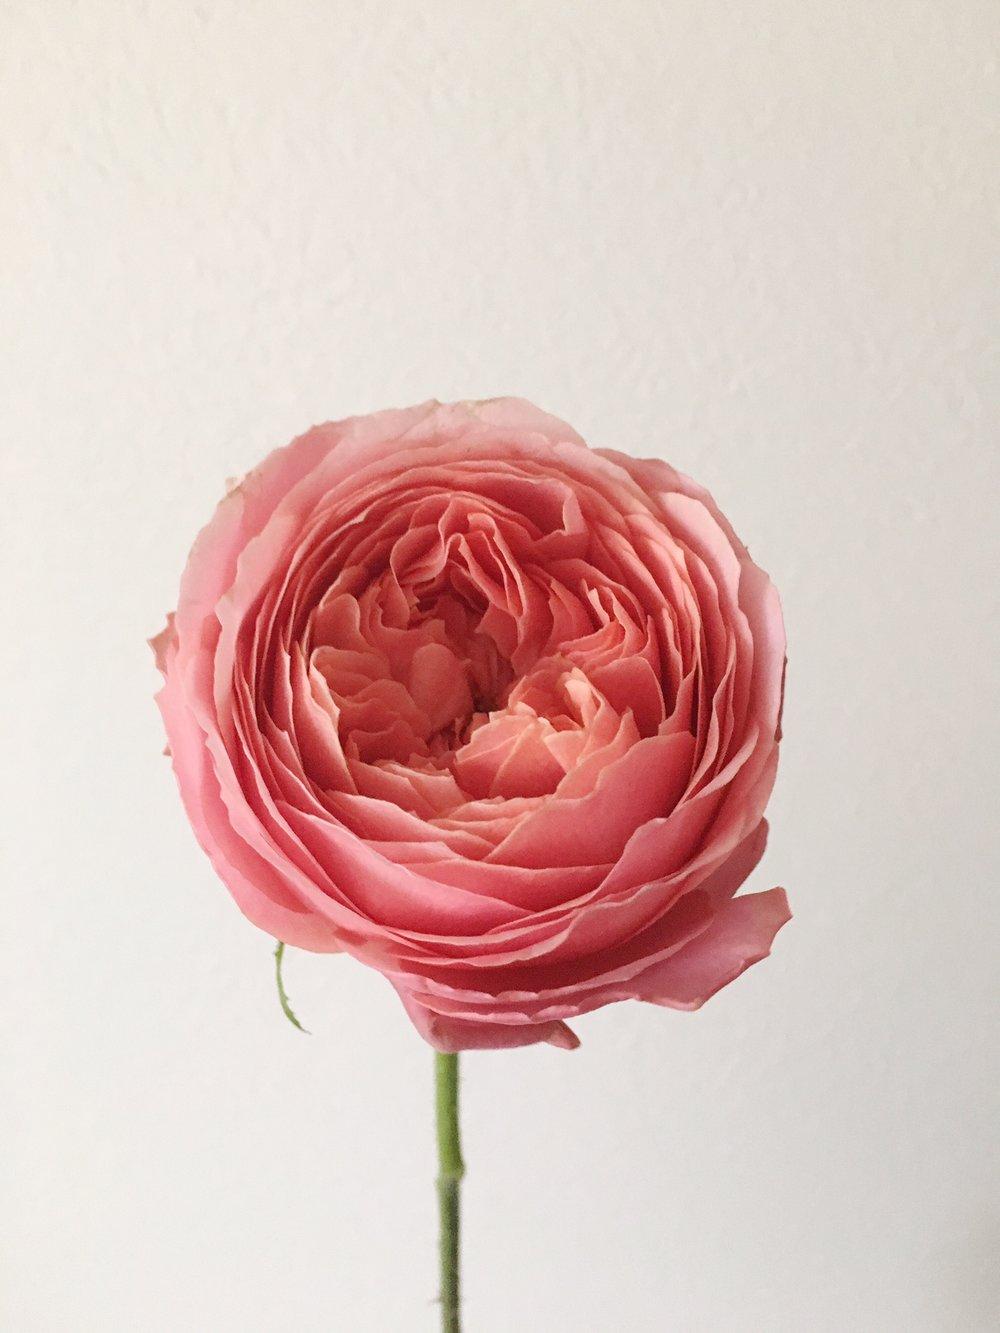 ROMANTIK ANTIQUE ROSE